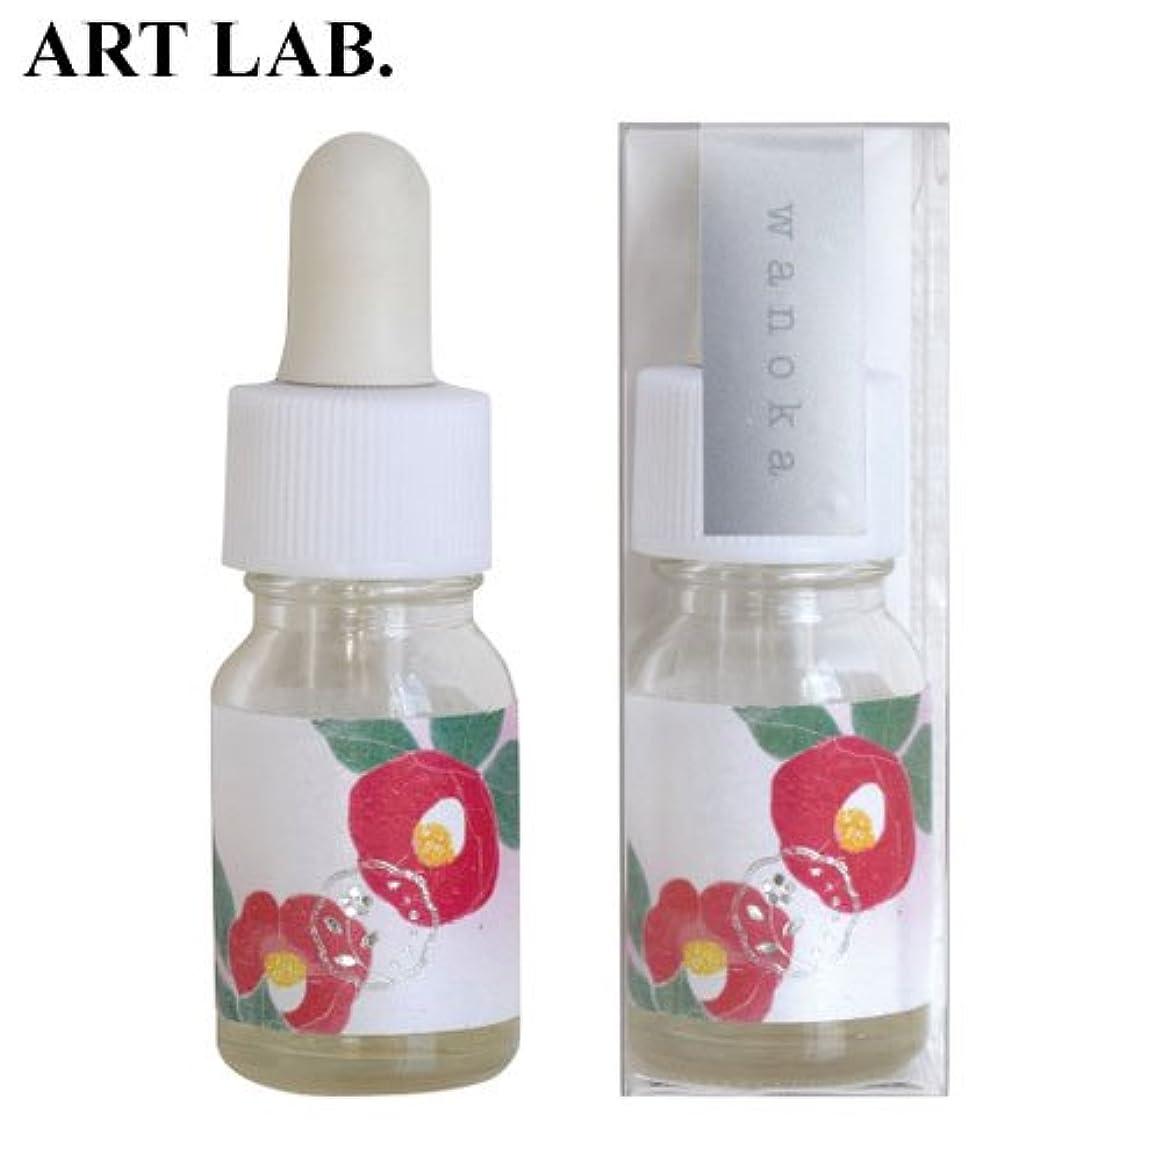 土地ベンチャーリマwanoka香油アロマオイル椿《おしとやかで深みのある香り》ART LABAromatic oil